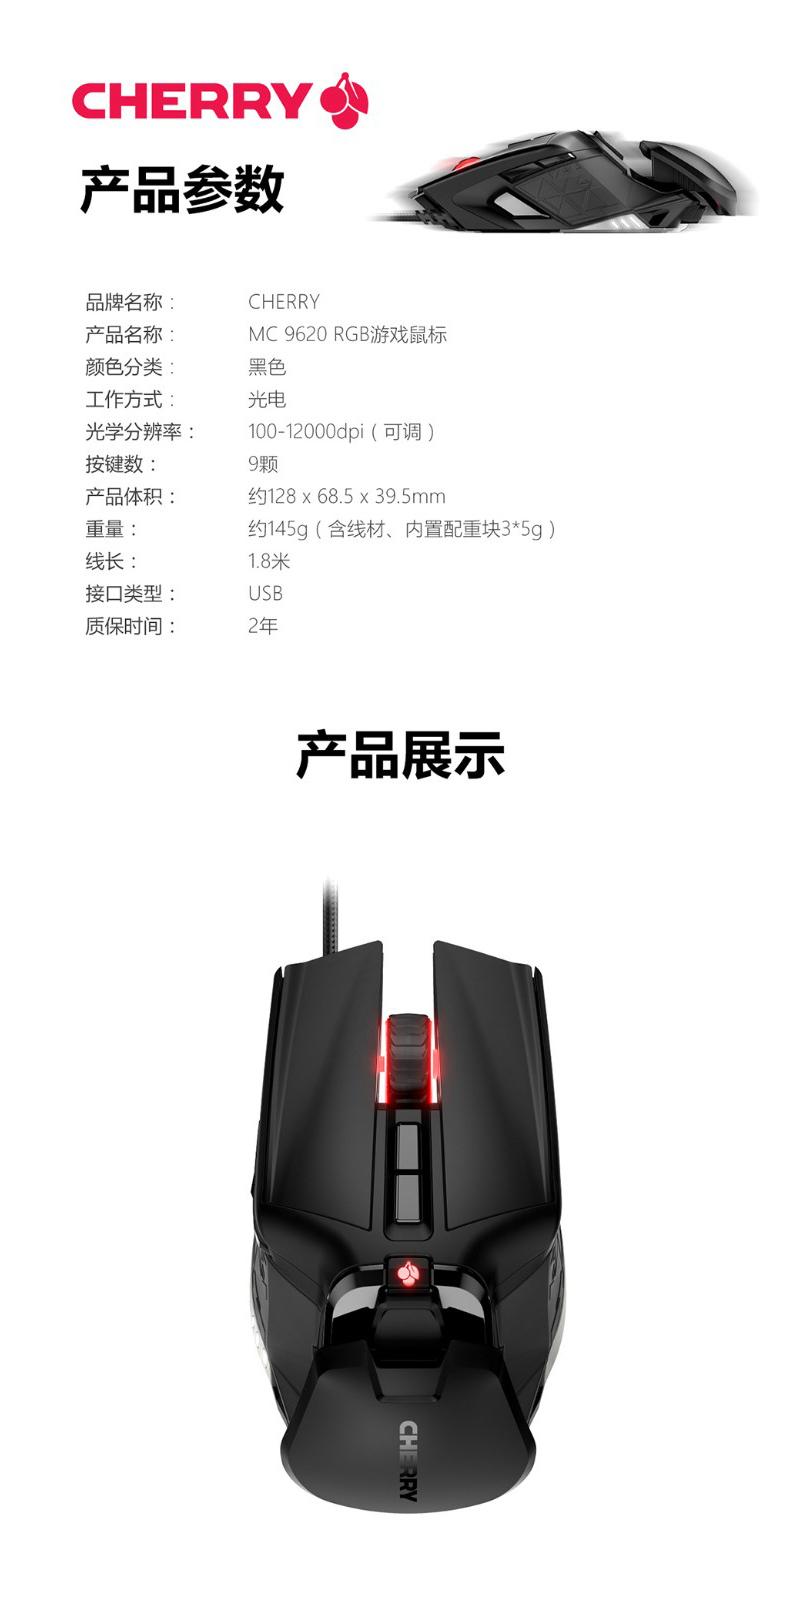 MC9620鼠标详情页5.jpg